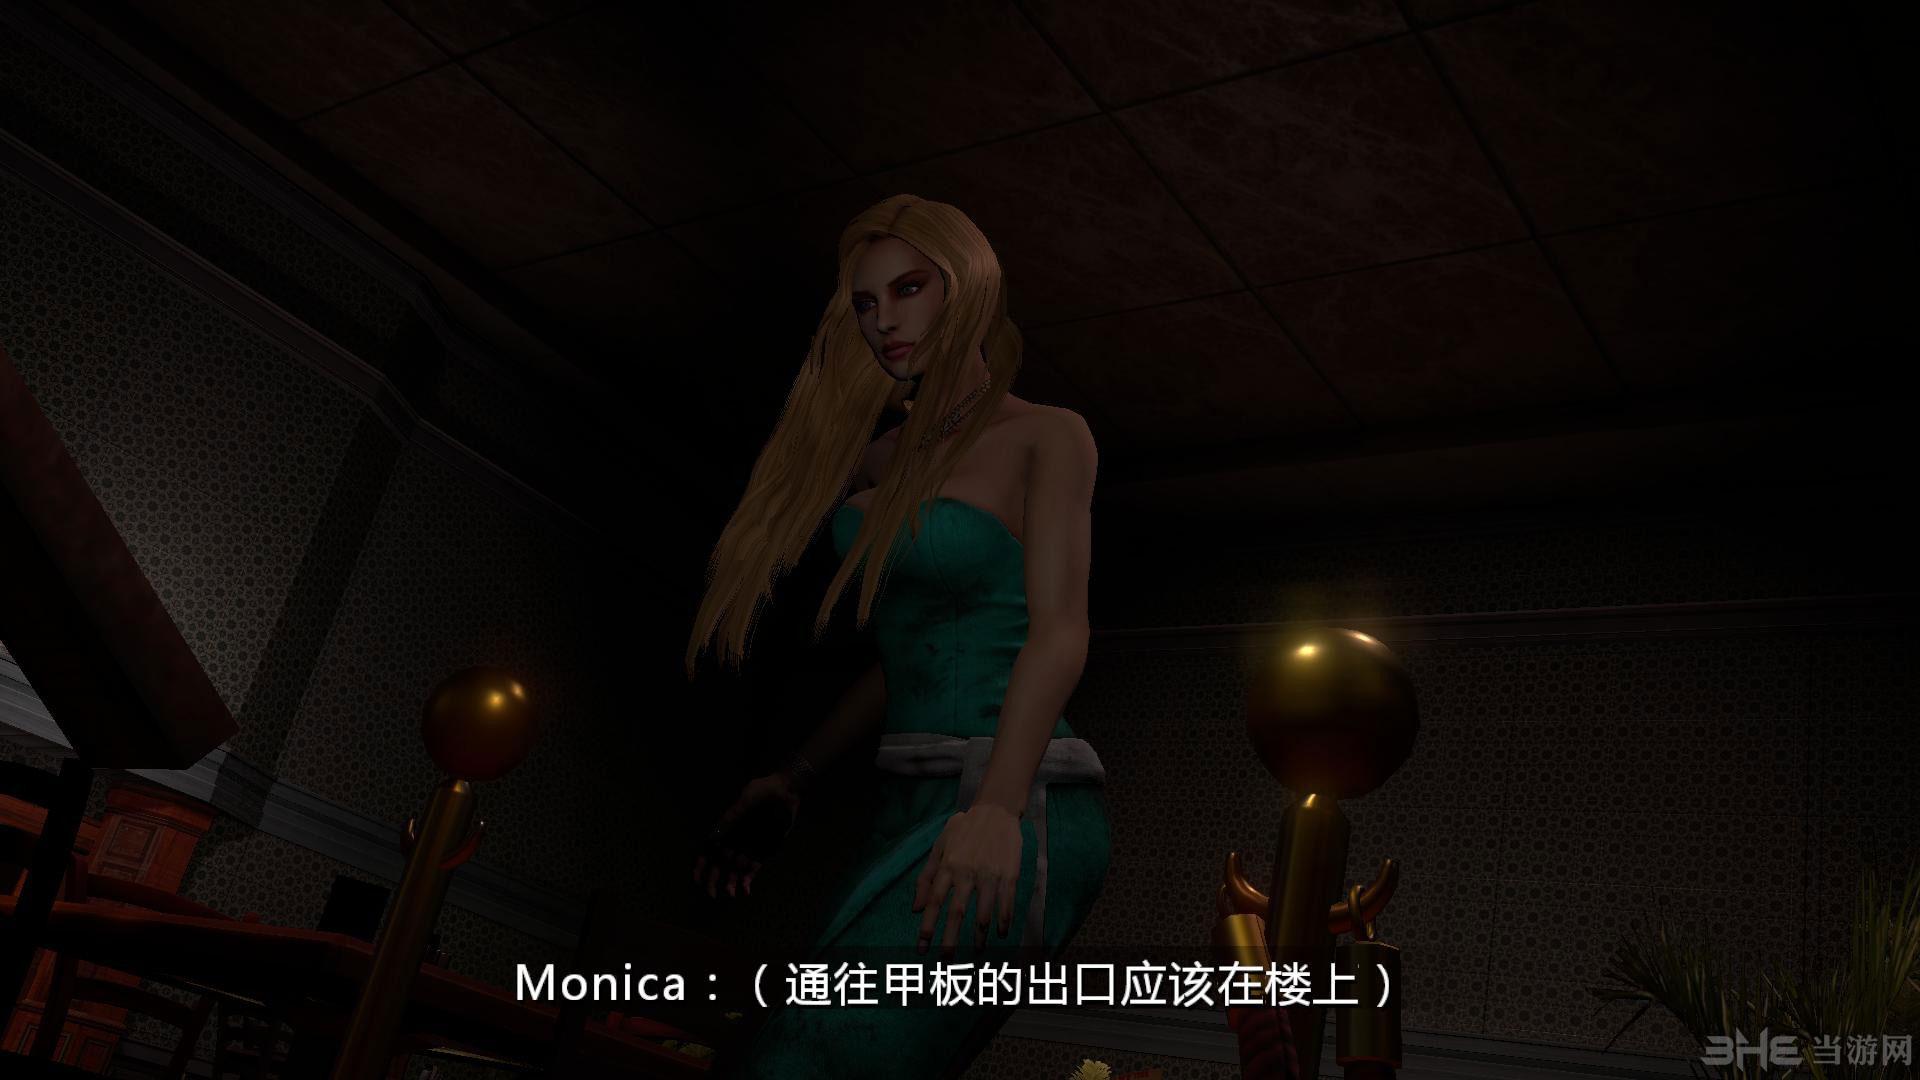 夜啼LMAO汉化组简体中文汉化补丁截图2